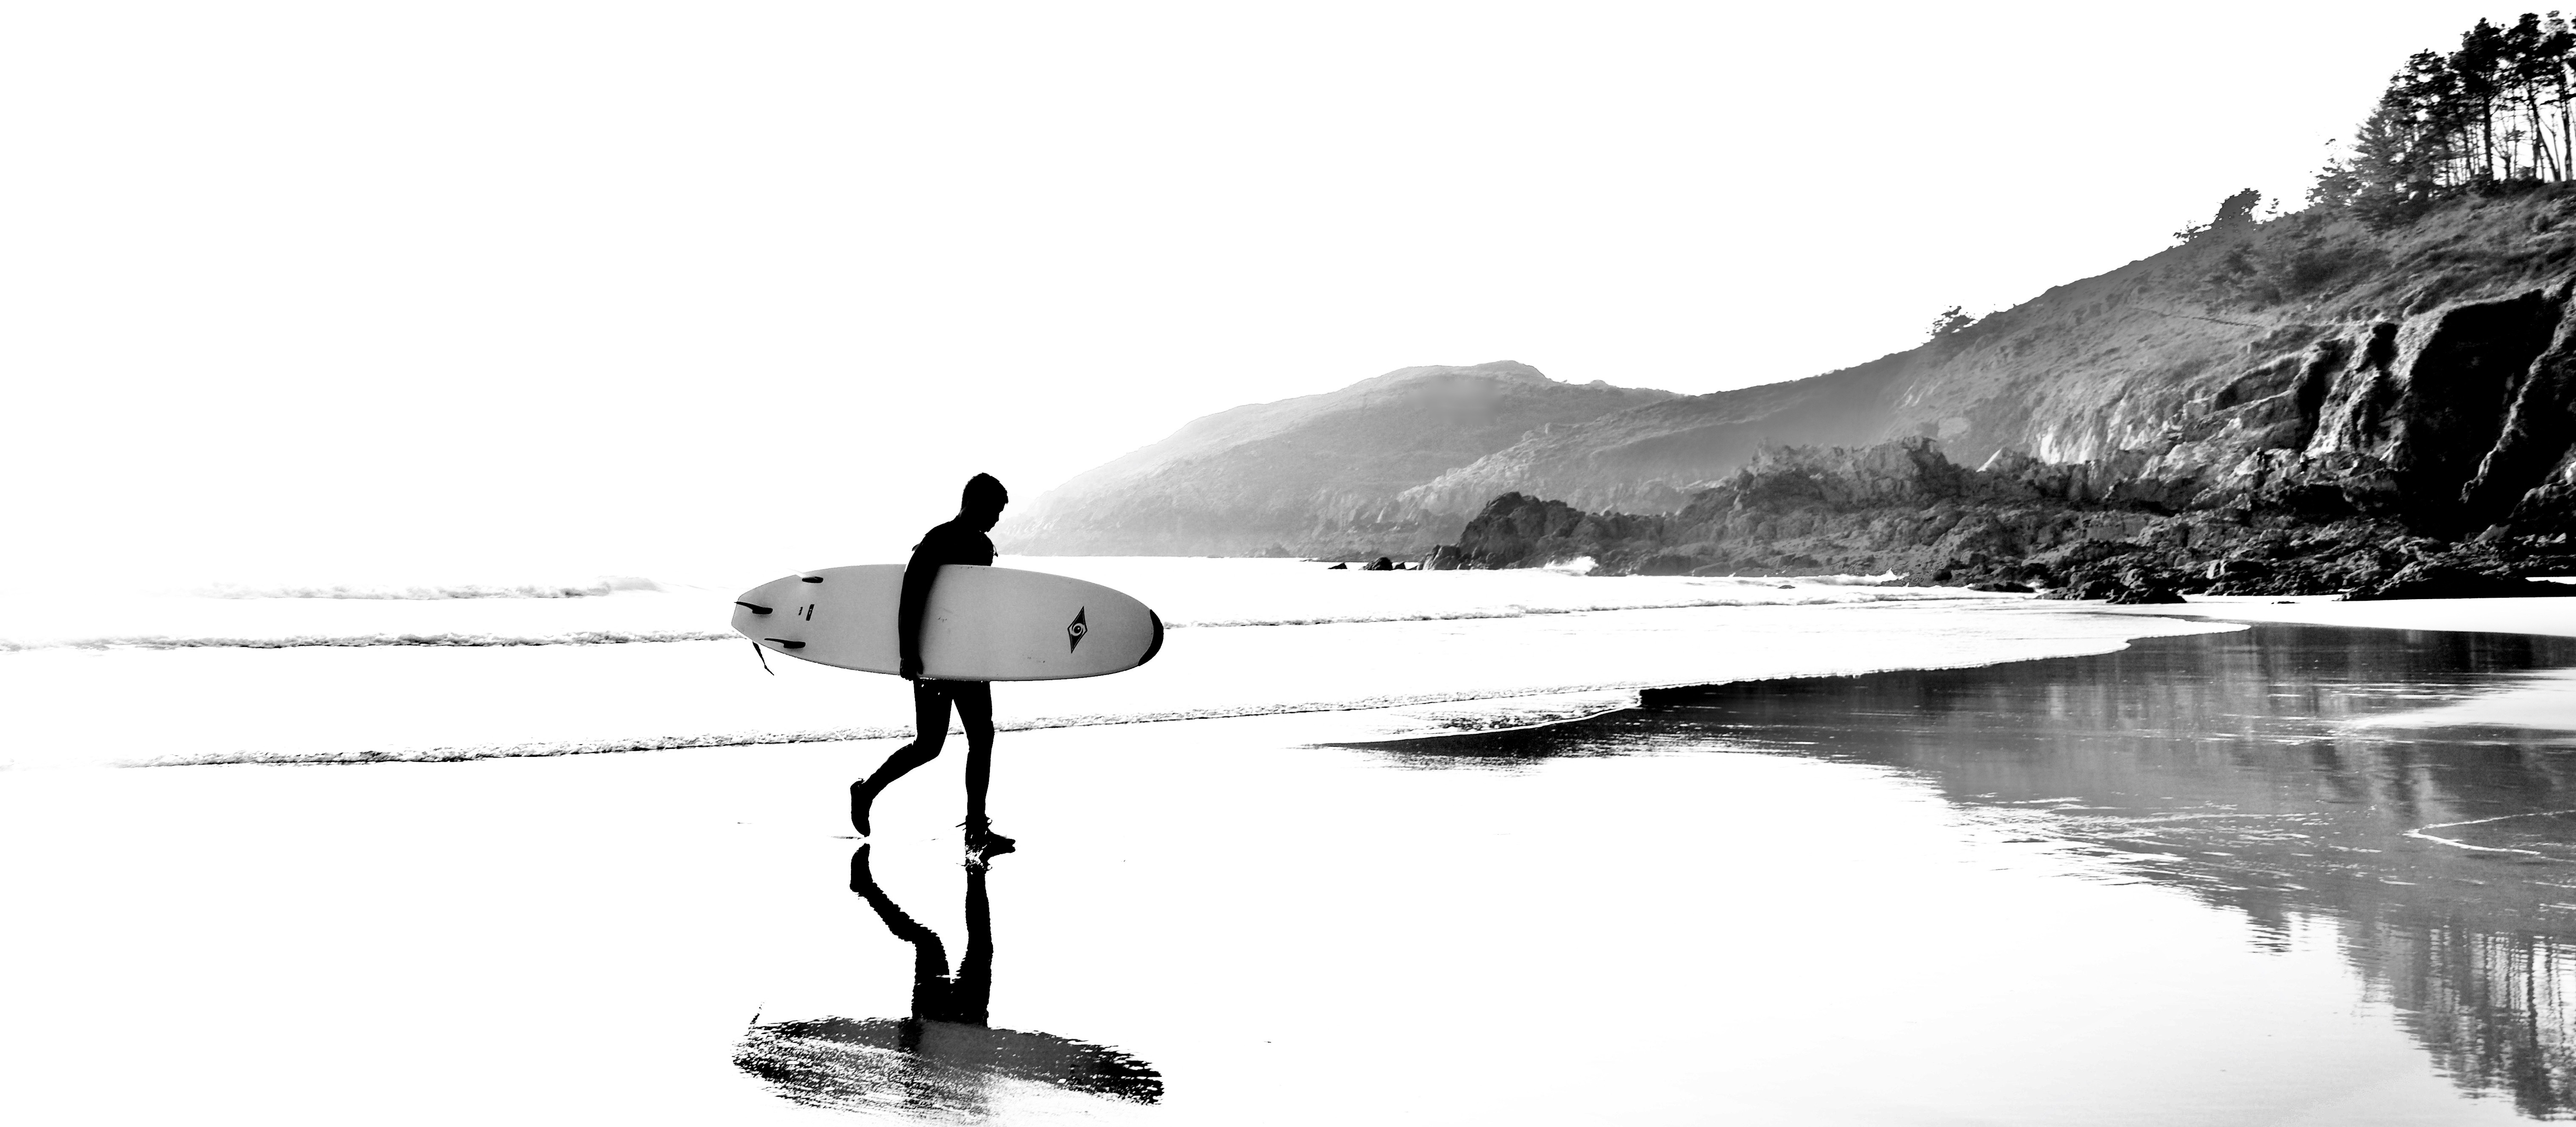 10 - Le surfeur et son reflet JLRollier.